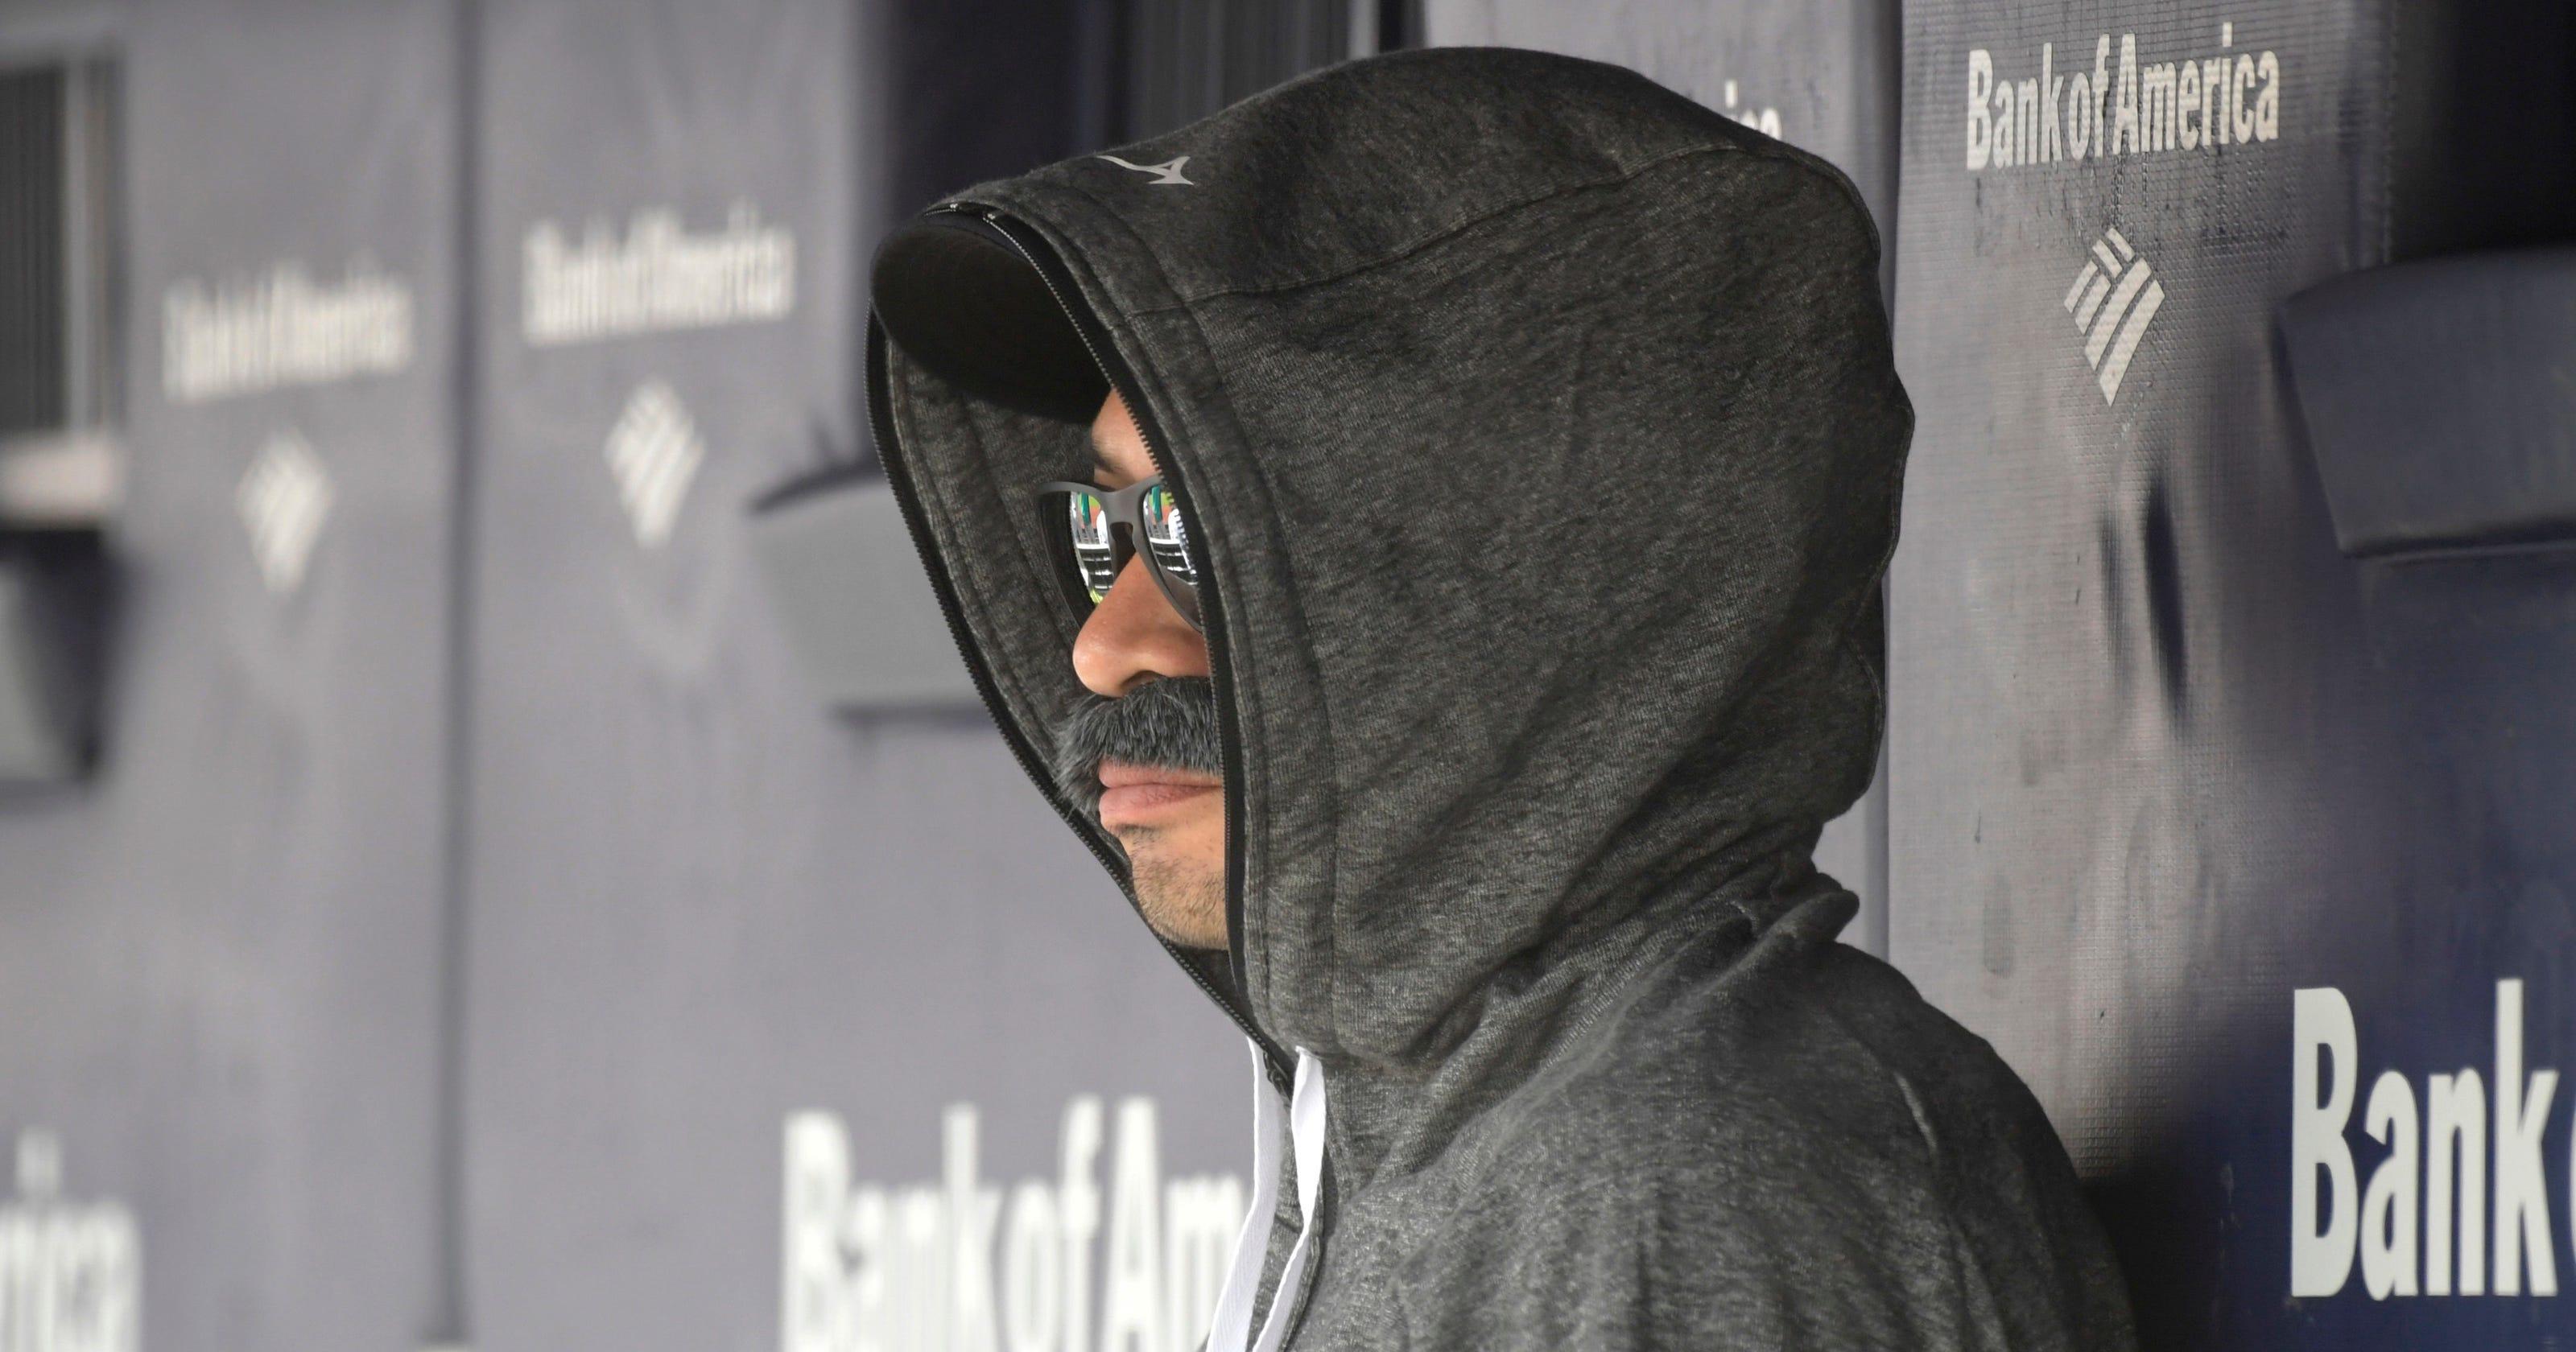 daf1b1c5fefc7 Ichiro Suzuki sat in Seattle Mariners dugout in fake mustache disguise